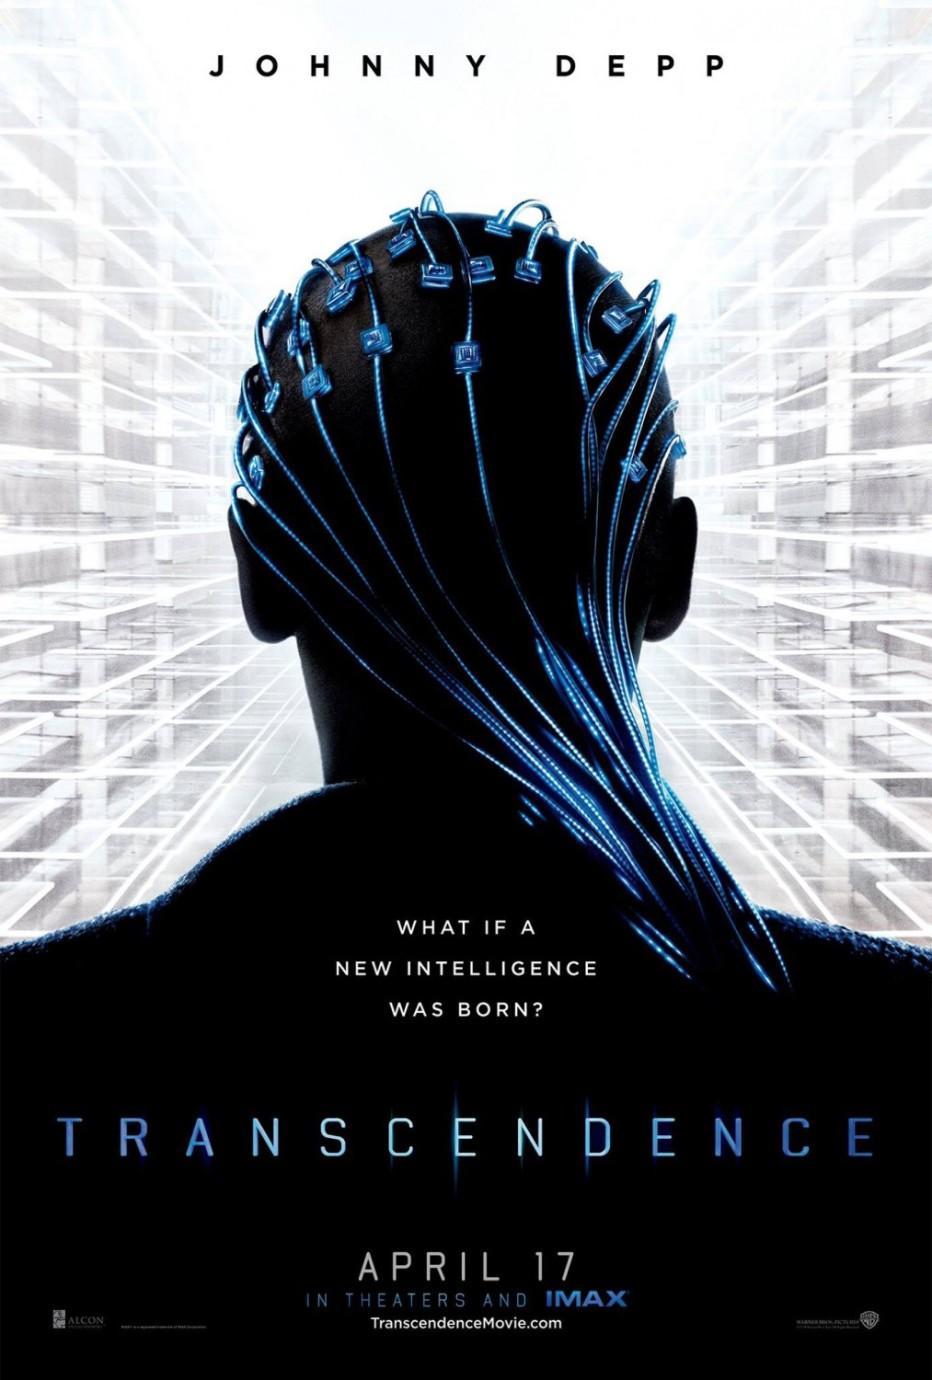 ВИРТУЕЛНА СВЕСТ Transcendence